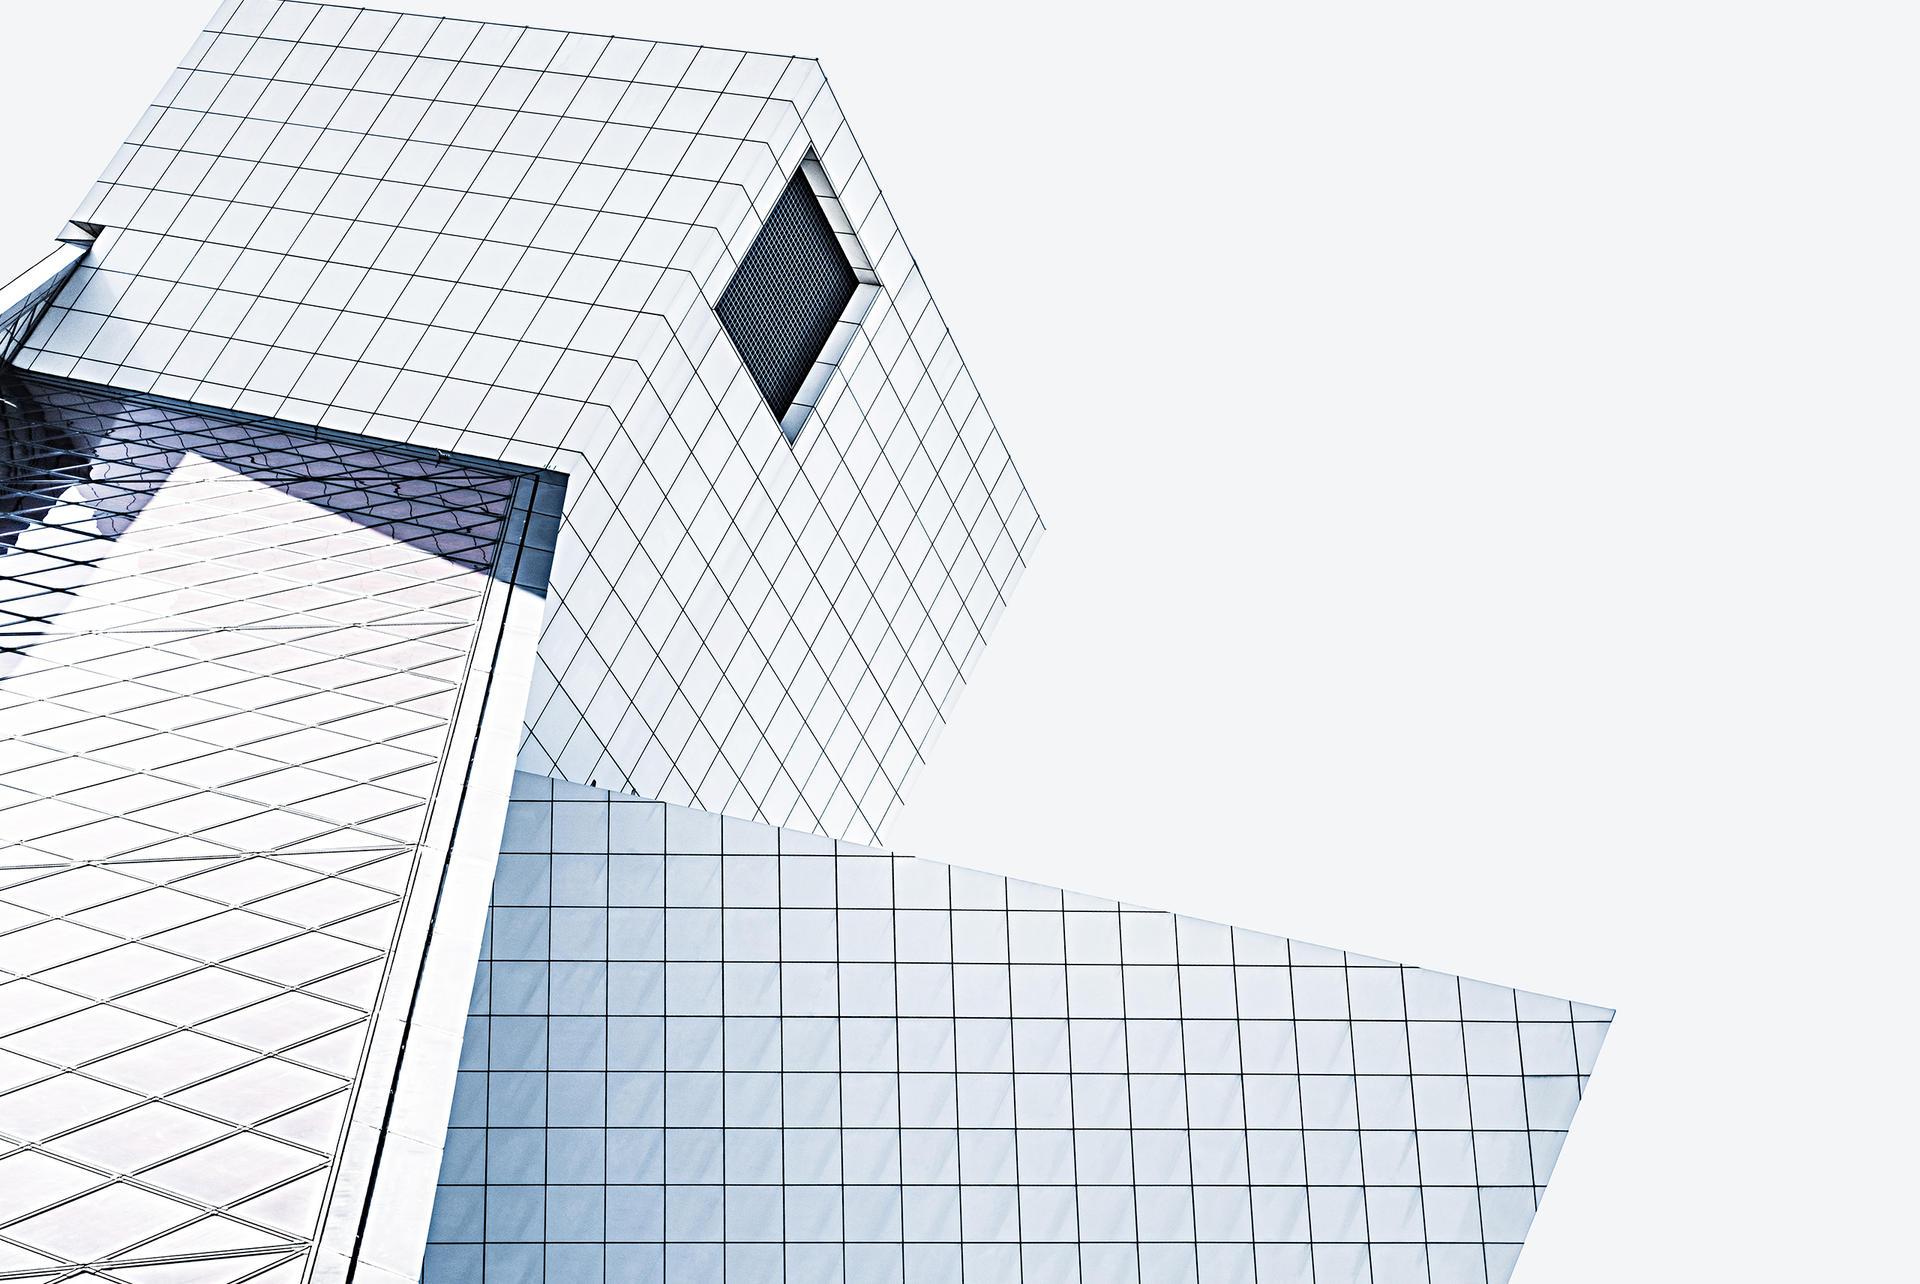 Imaginative, Inventive, Artistic, Architecture